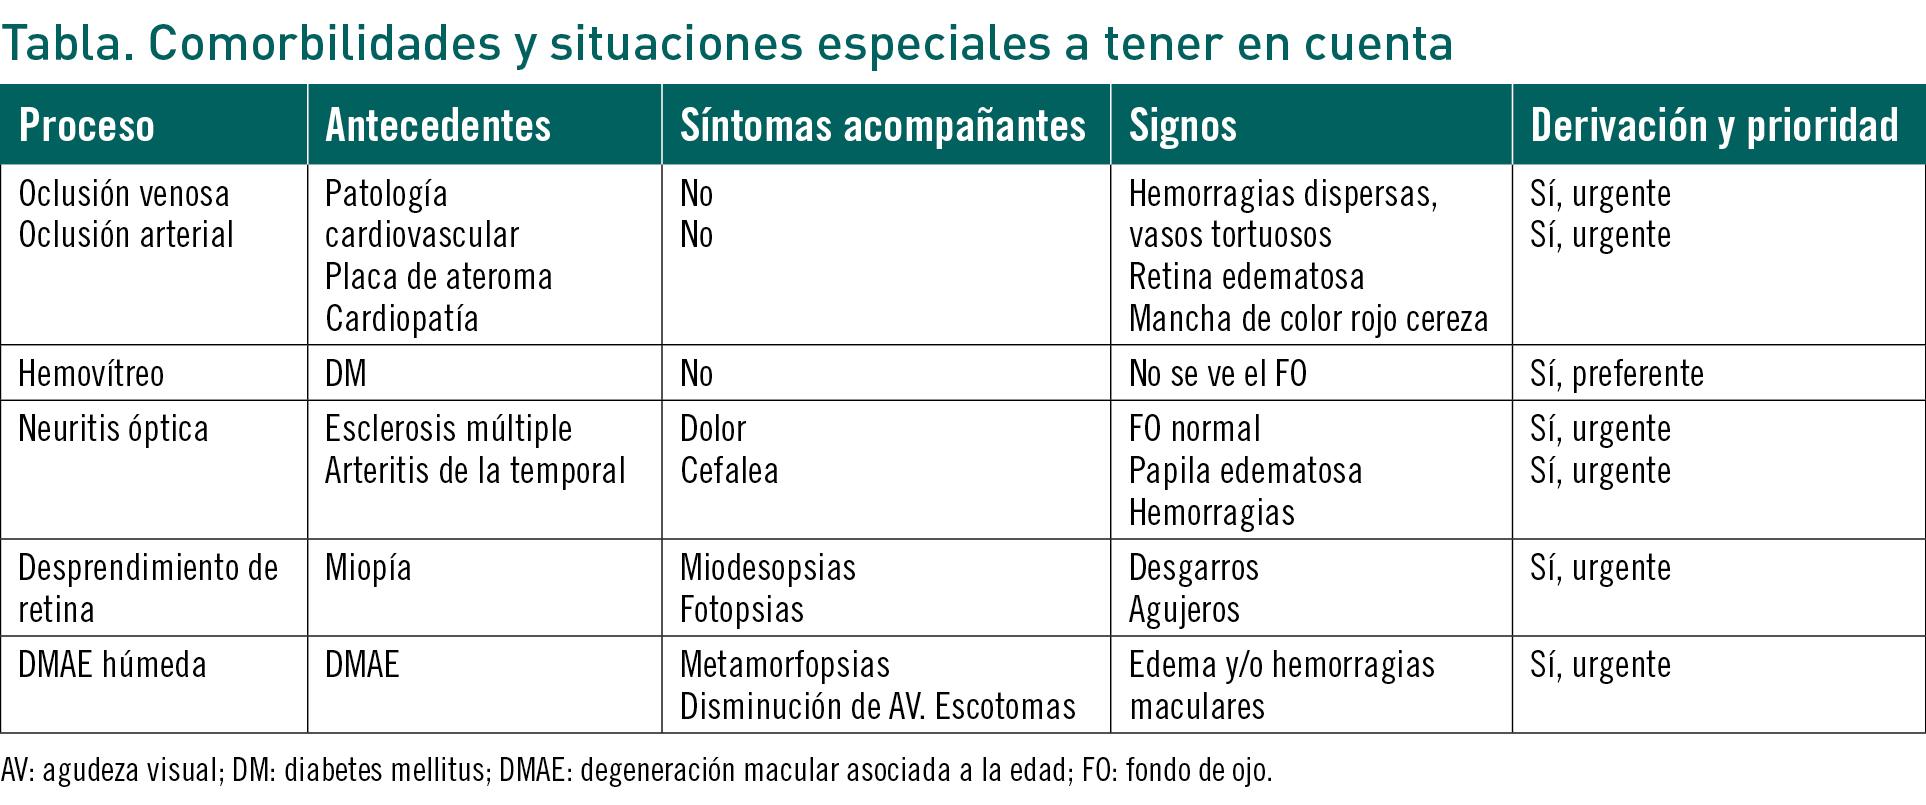 edema macular cistoideo síntomas de diabetes mellitus